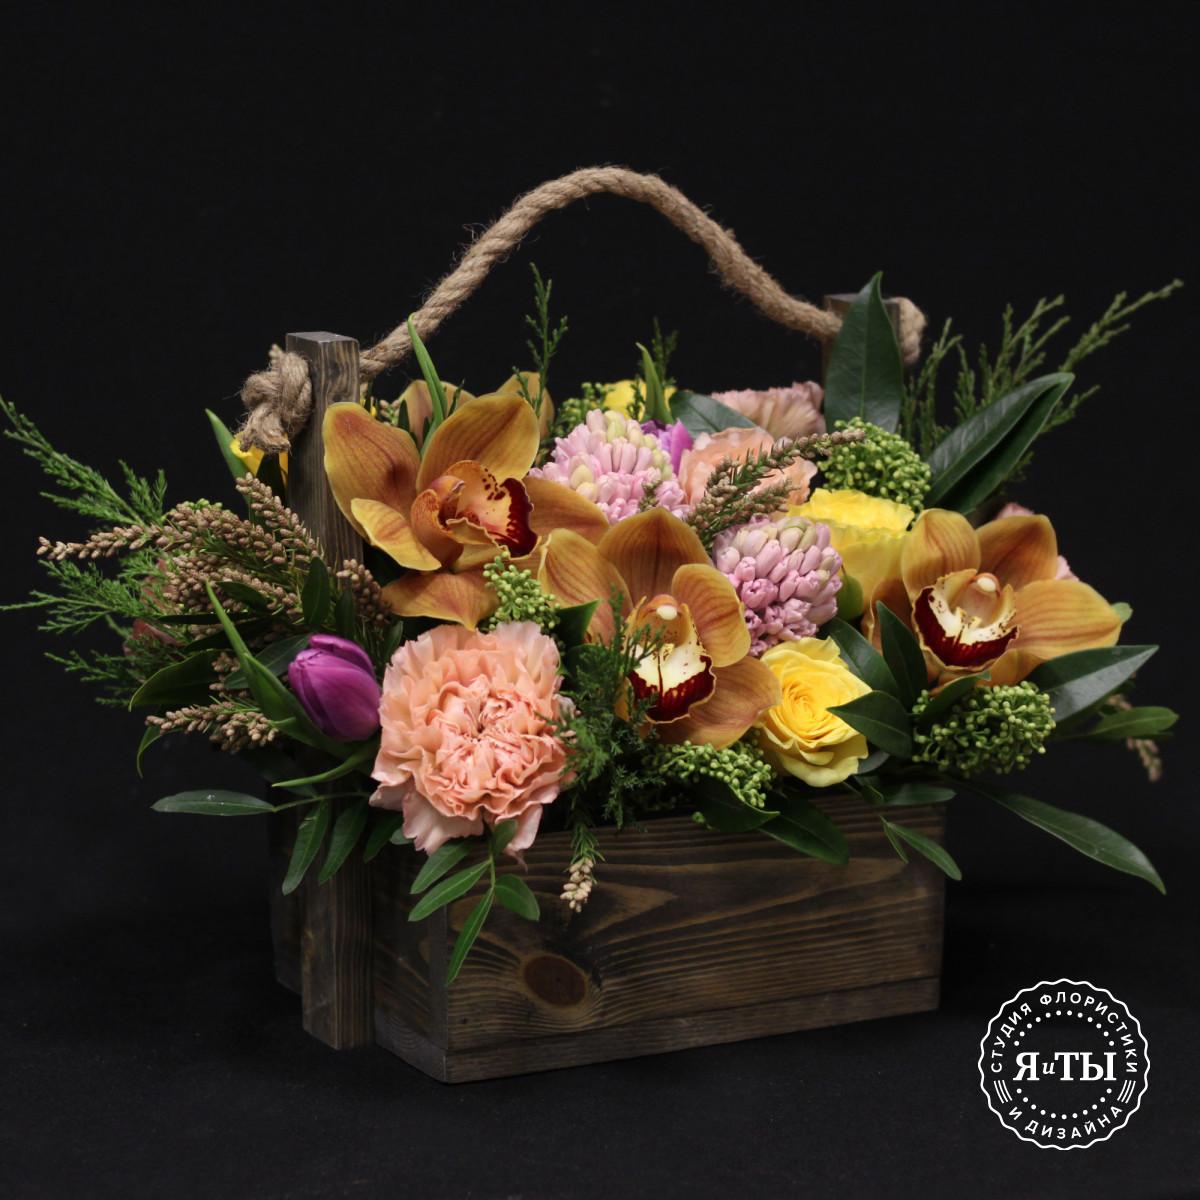 Ароматный ящичек с гиацинтами и орхидеями